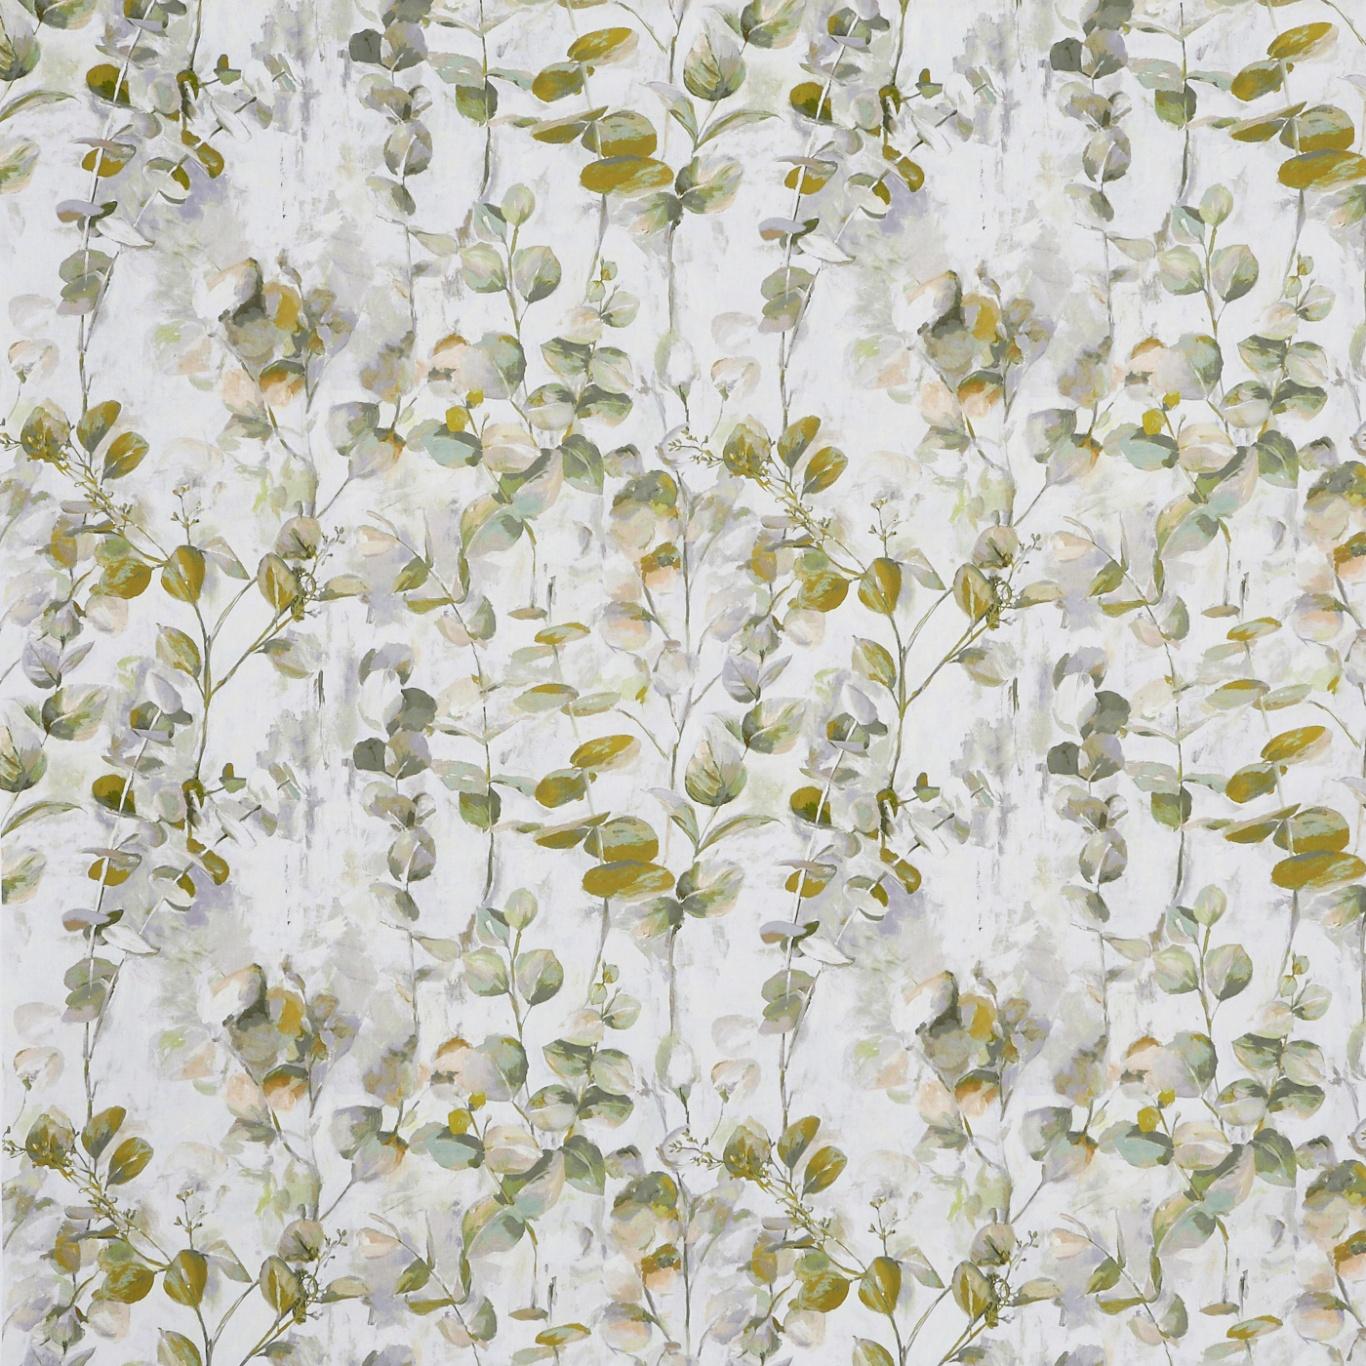 Image of Prestigious Aquarelle Verdigris Fabric 8675/659